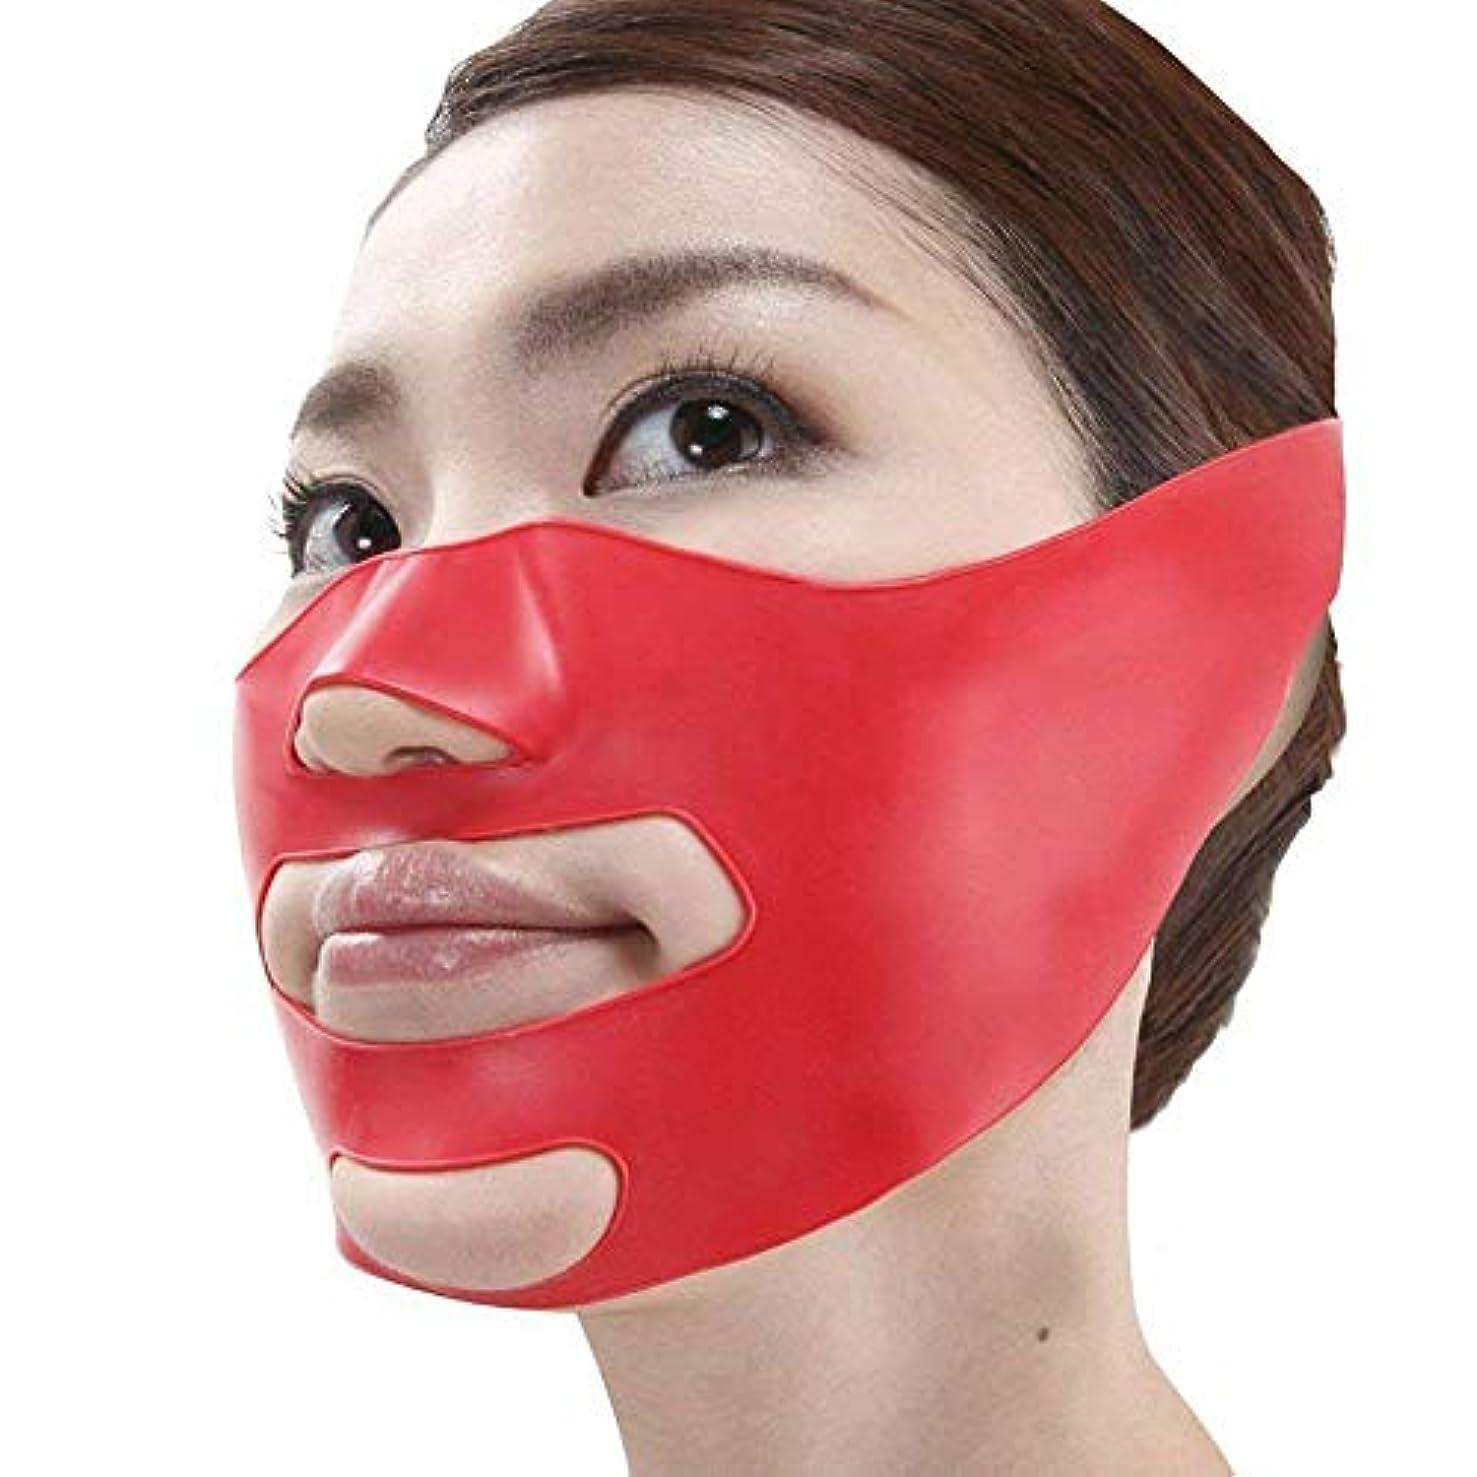 強化する立派な賠償小顔矯正 マスク 小顔補正ベルト ほうれい線 リフトスリムマスク 3Dエクササイズマスク 法令線予防 抗シワ サウナマスク 美容グッ (フリーサイズ)